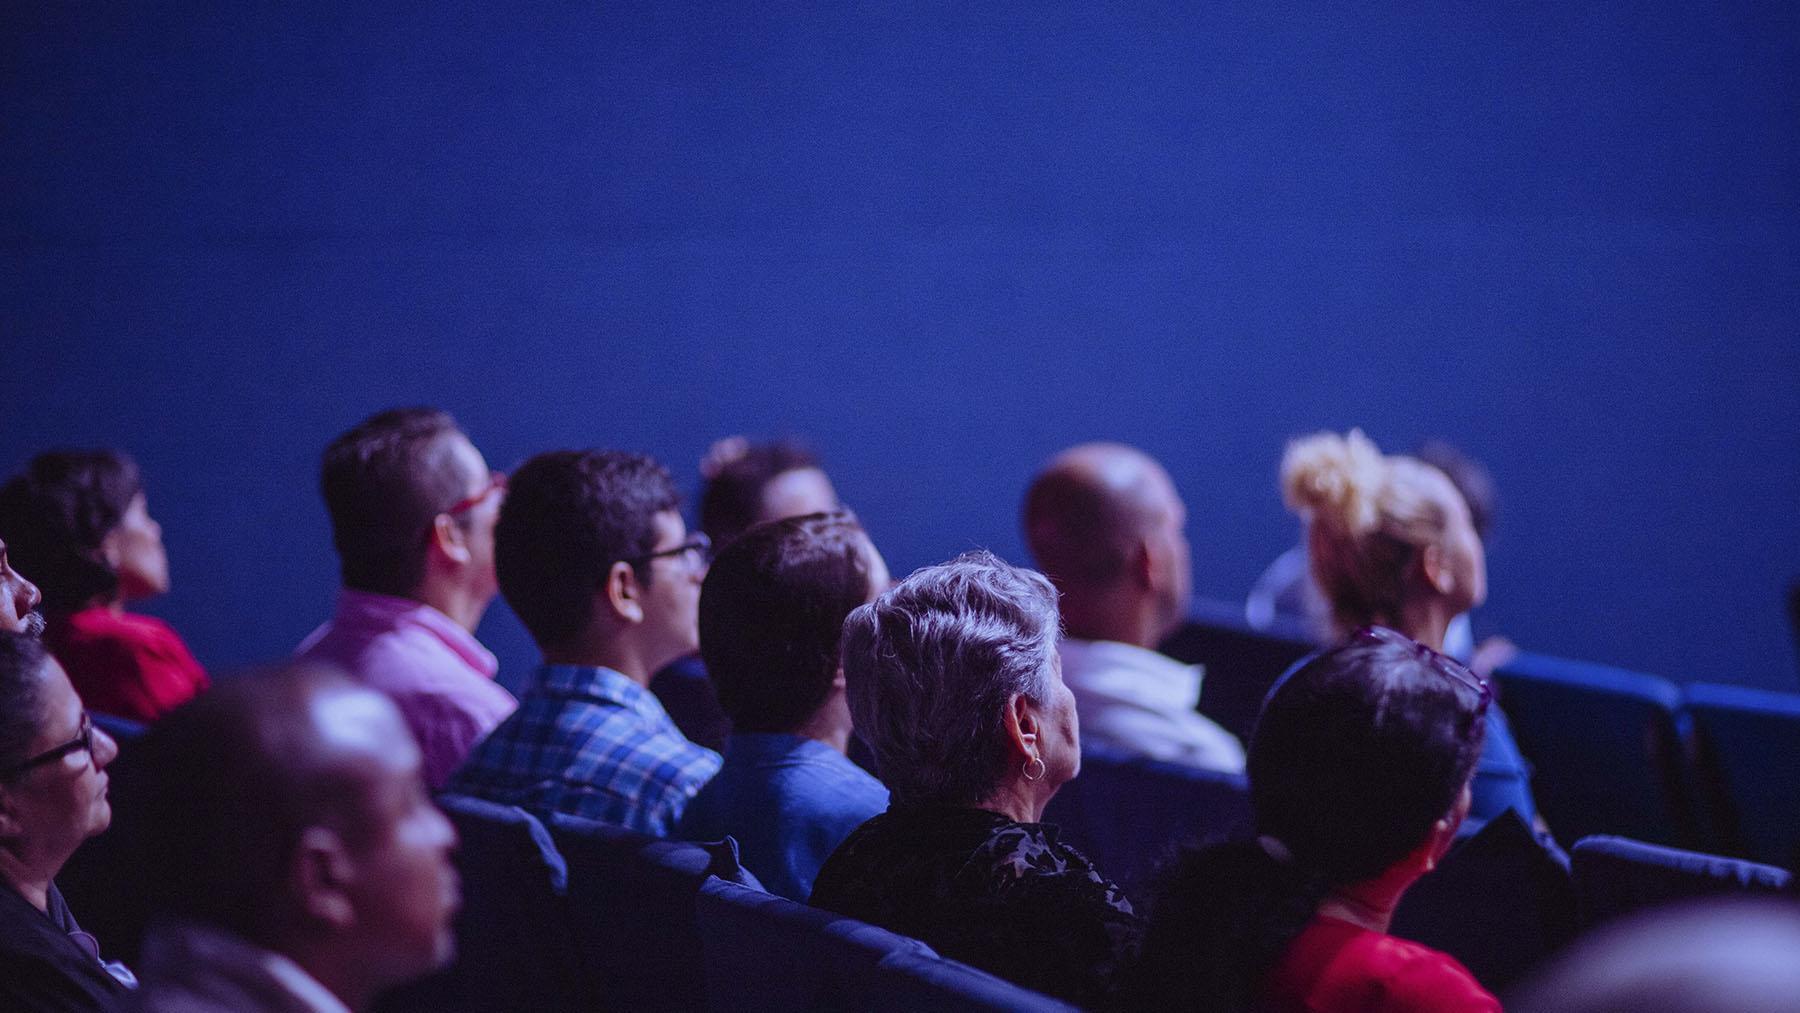 La nueva fiesta del cine es una oportunidad perfecta para acudir a las salas a un precio increíble (Foto de Luis Quintero en Pexels)